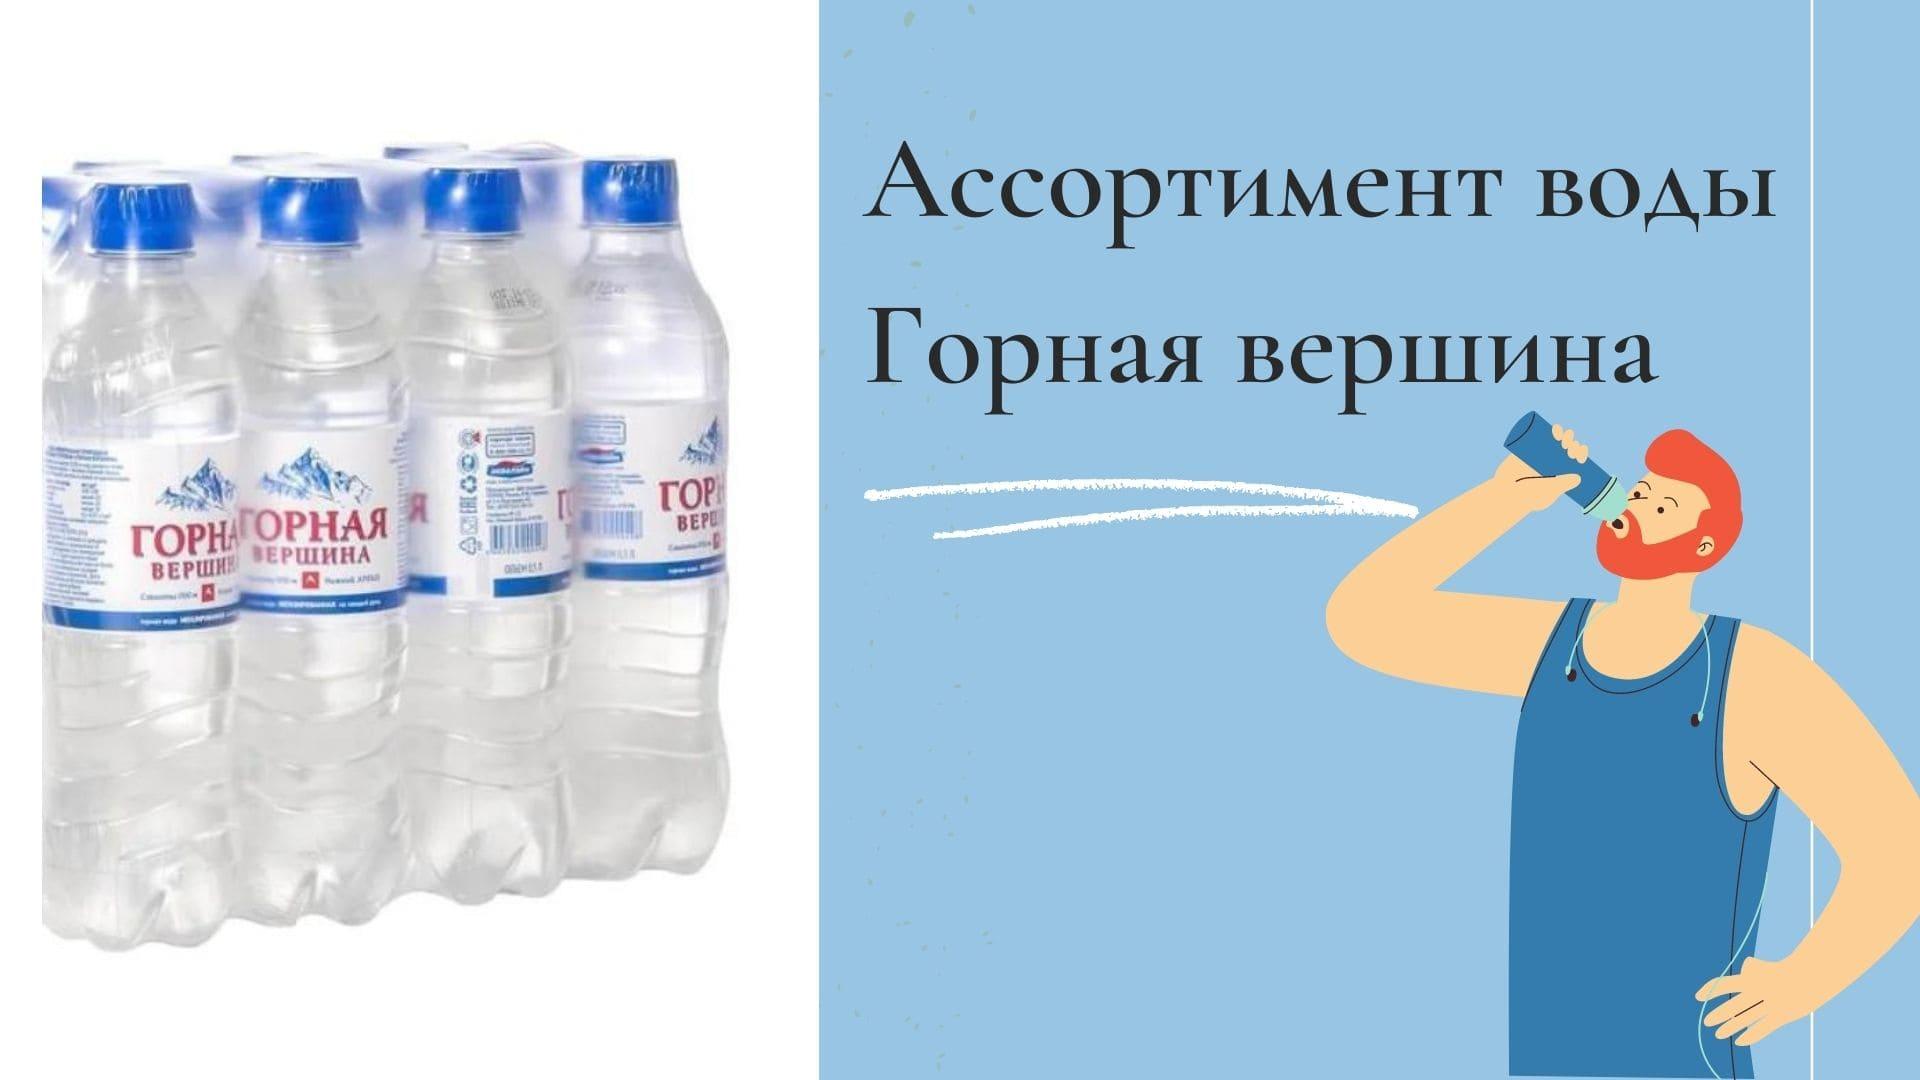 ассортимент воды горная вершина